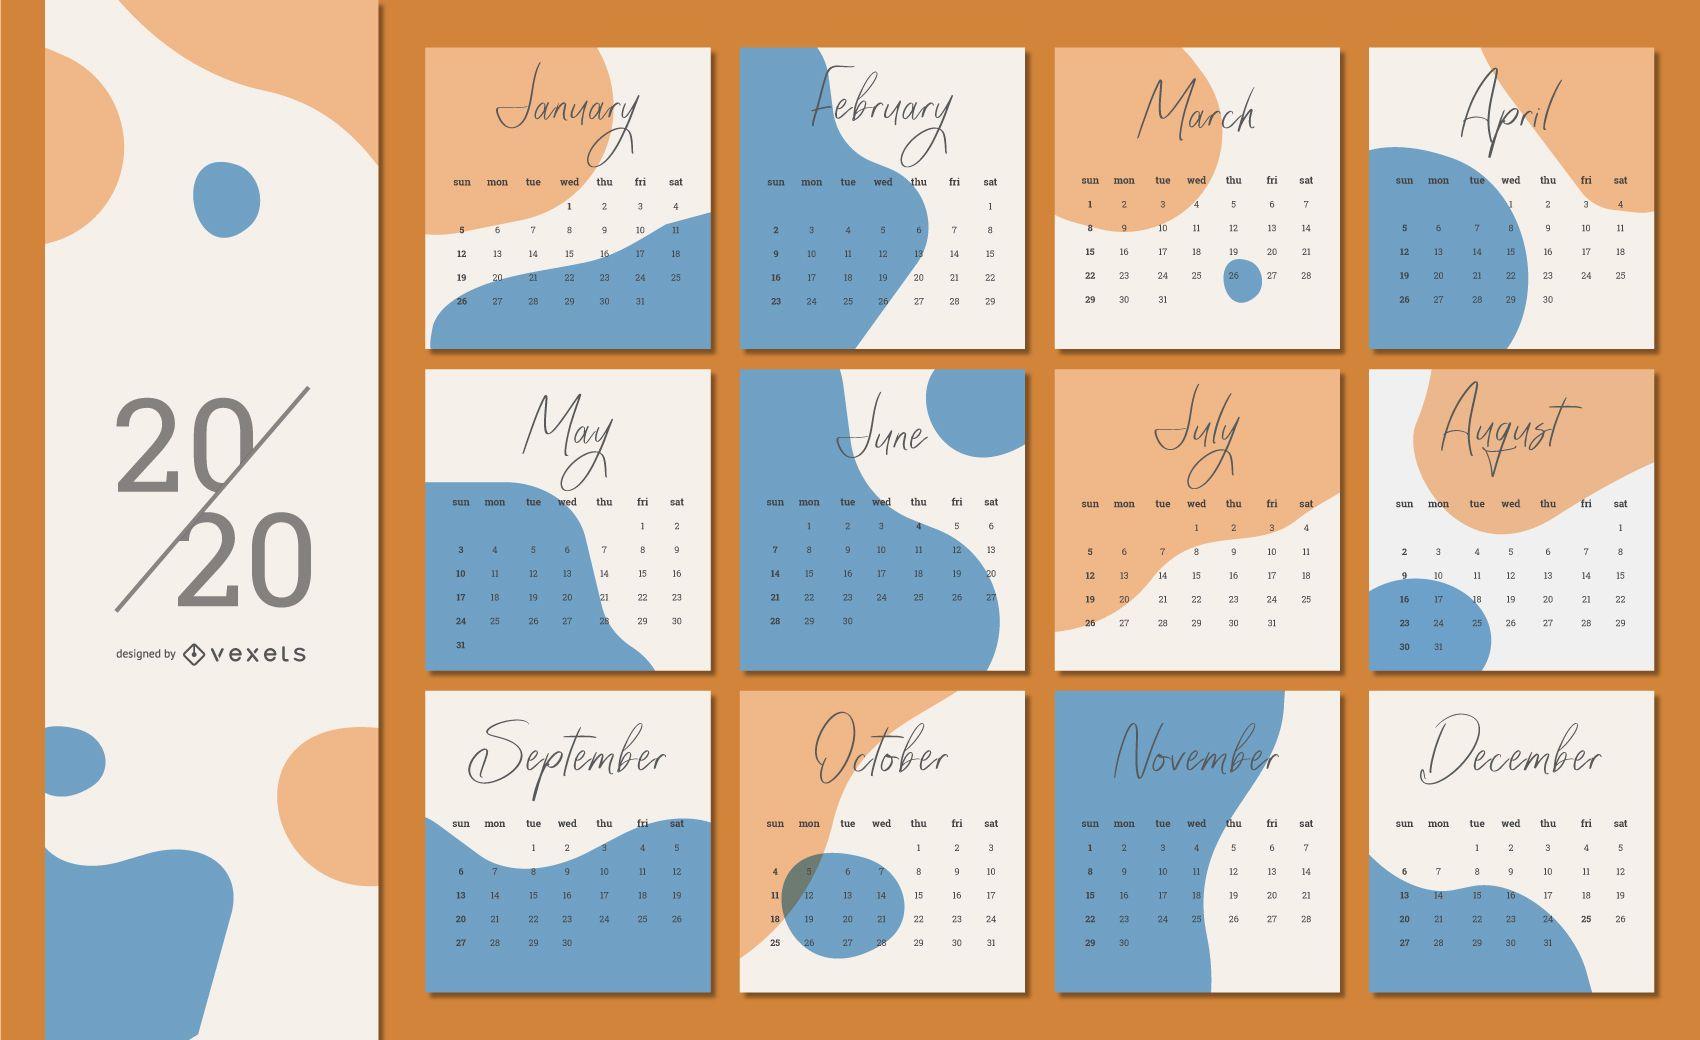 Abstract 2020 calendar design